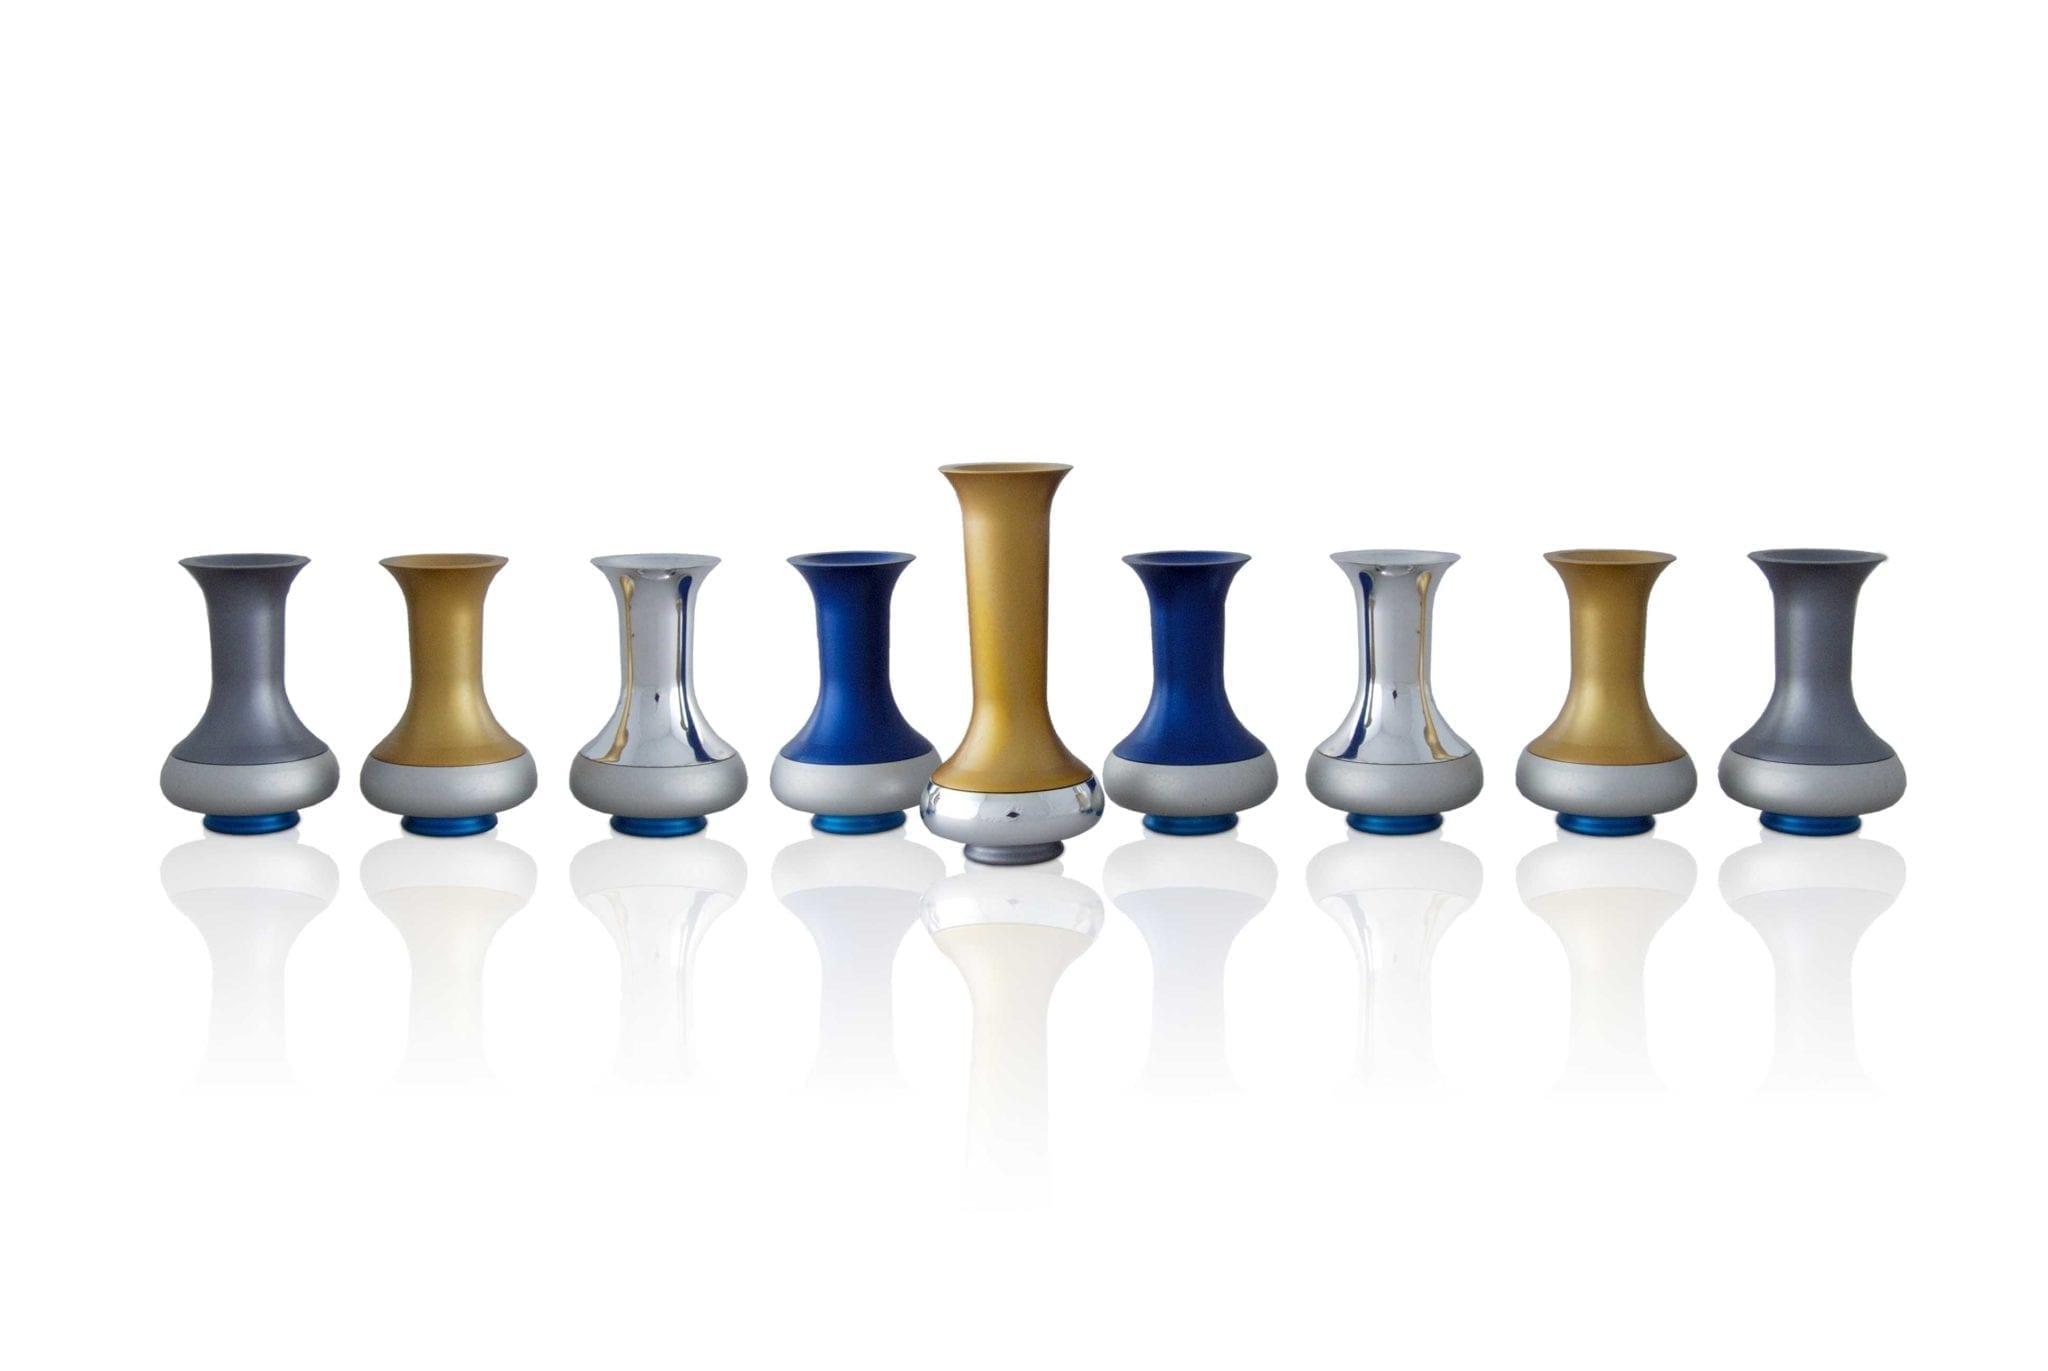 multicolored jug menorah, colorful Hanukkah judaica made in Israel